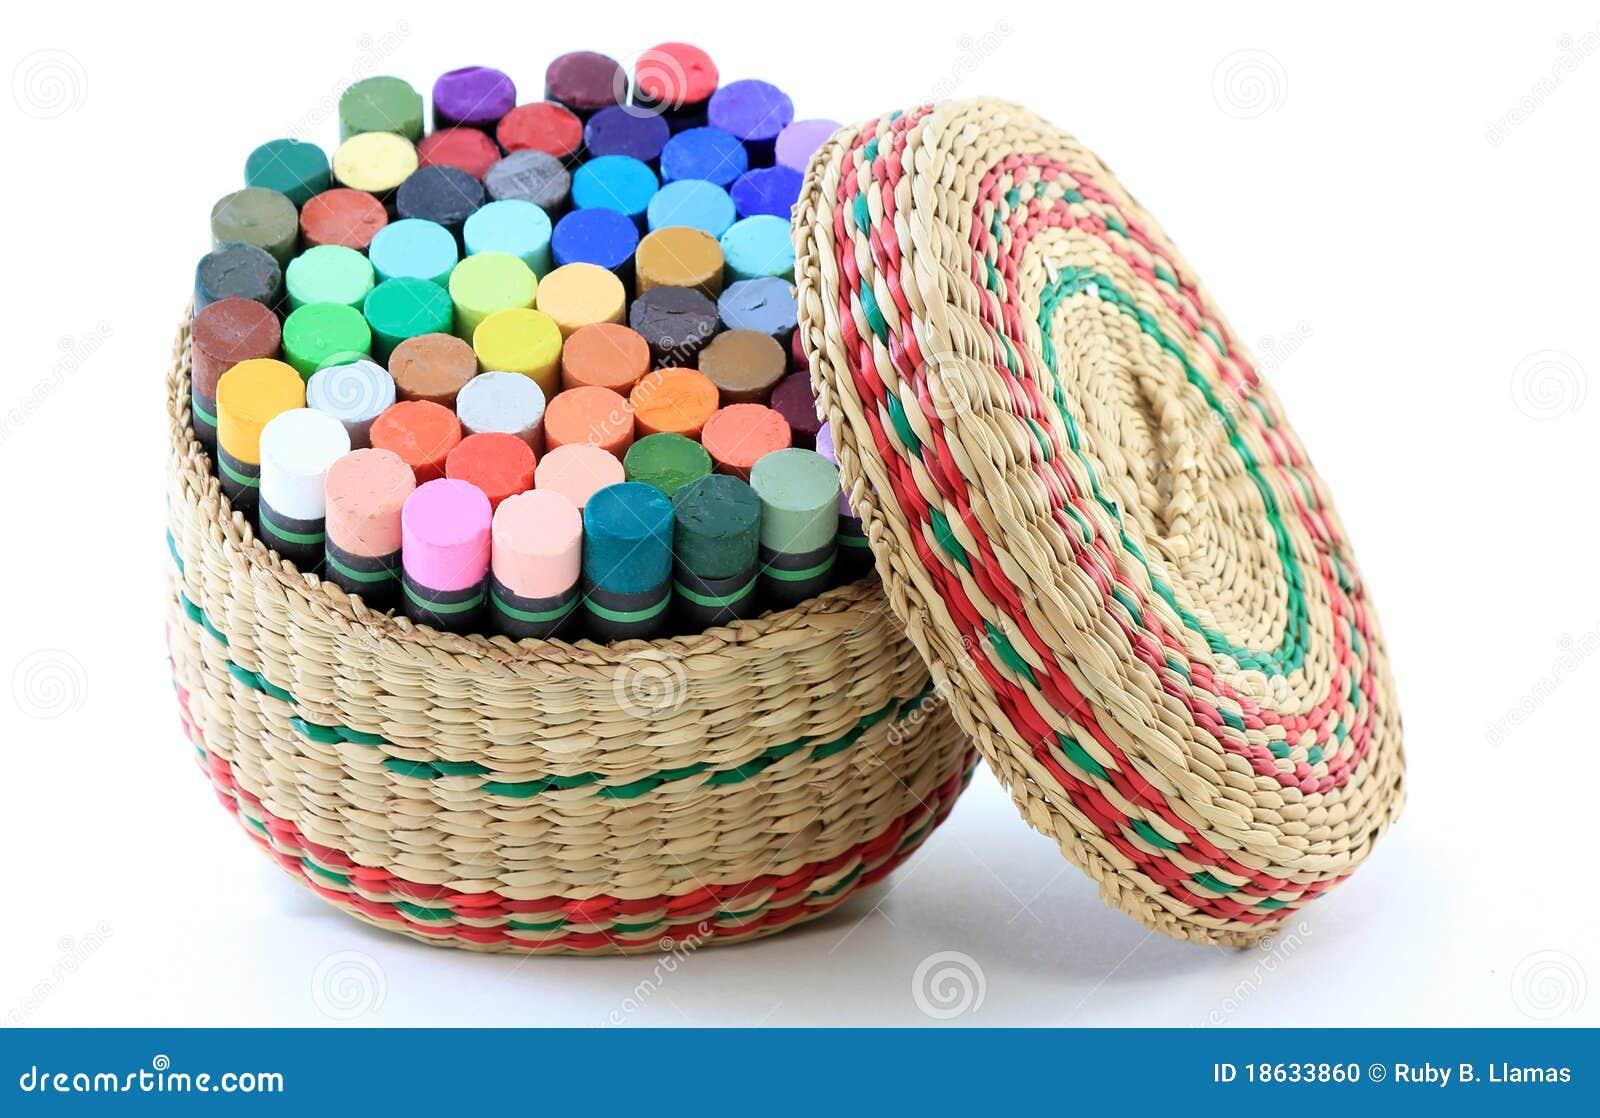 Basket of Pastel Crayons